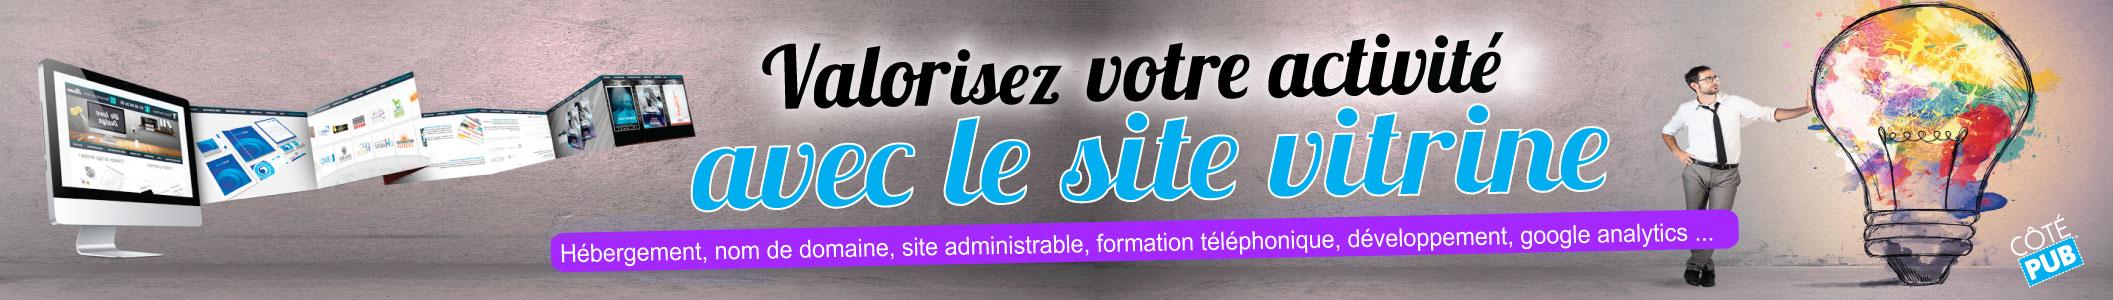 création-de-site-internet-vitrine-blog-petit-prix-meilleure-agence-web-marseille-corse-porto-vecchio